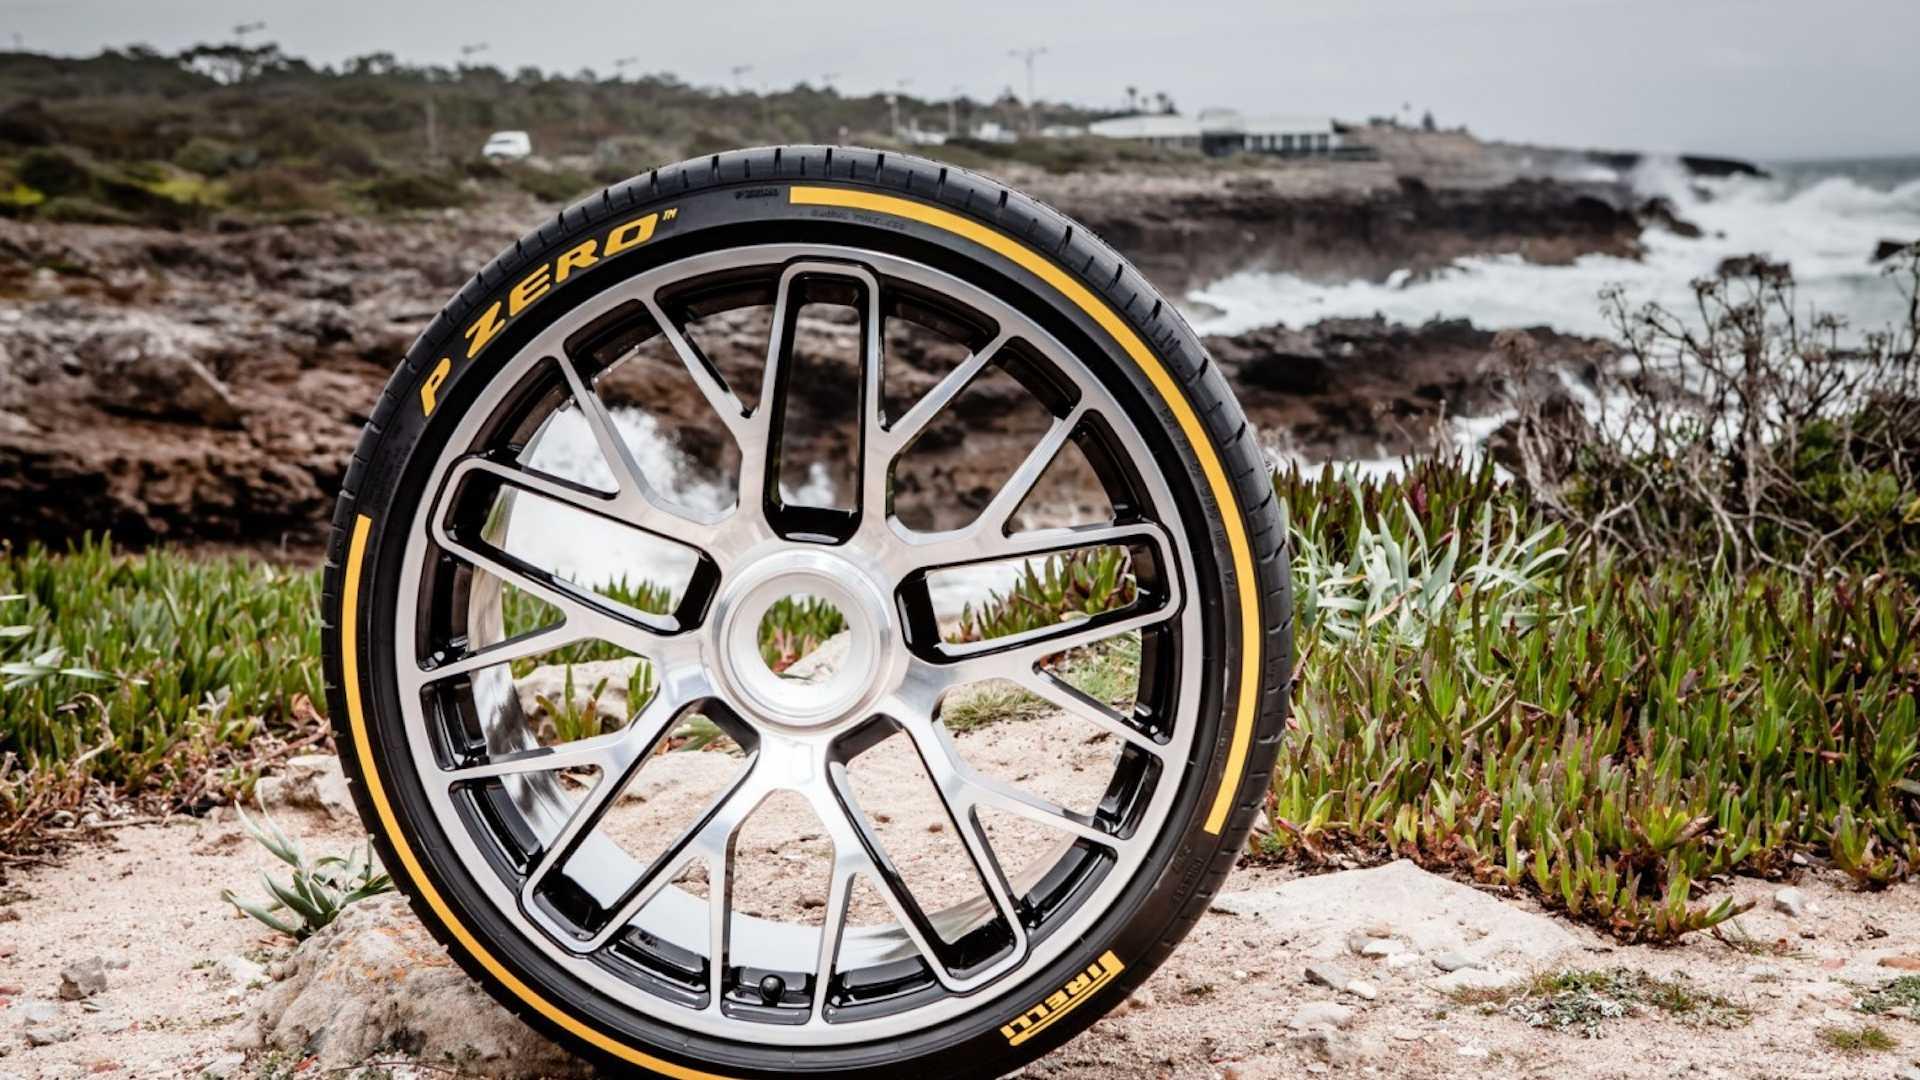 Pirelli réinvente la route avec un pneu connecté en 5G